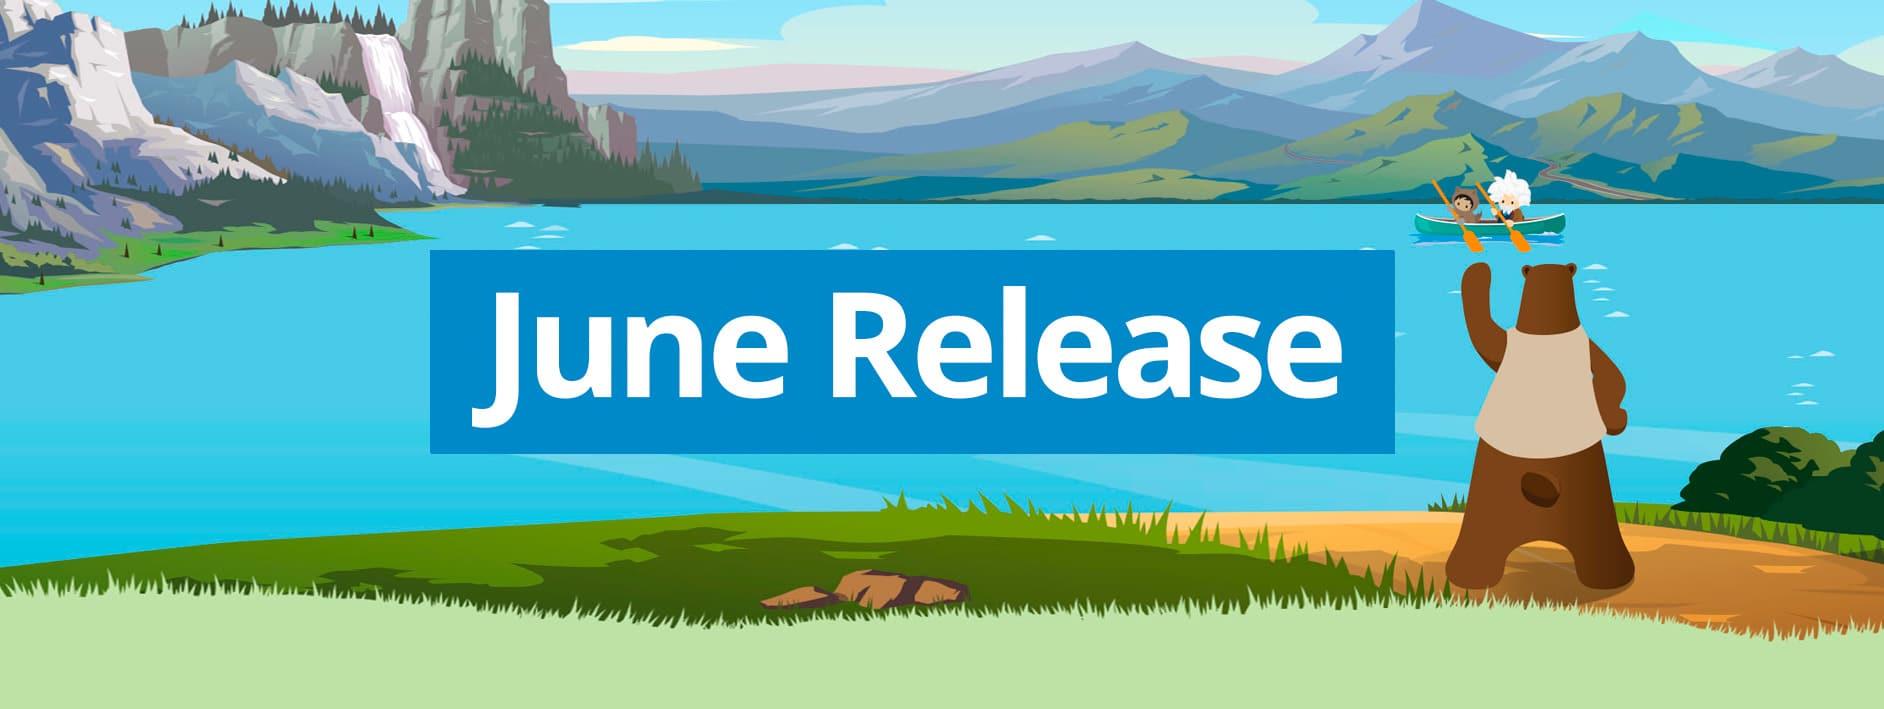 06. Release June 2020